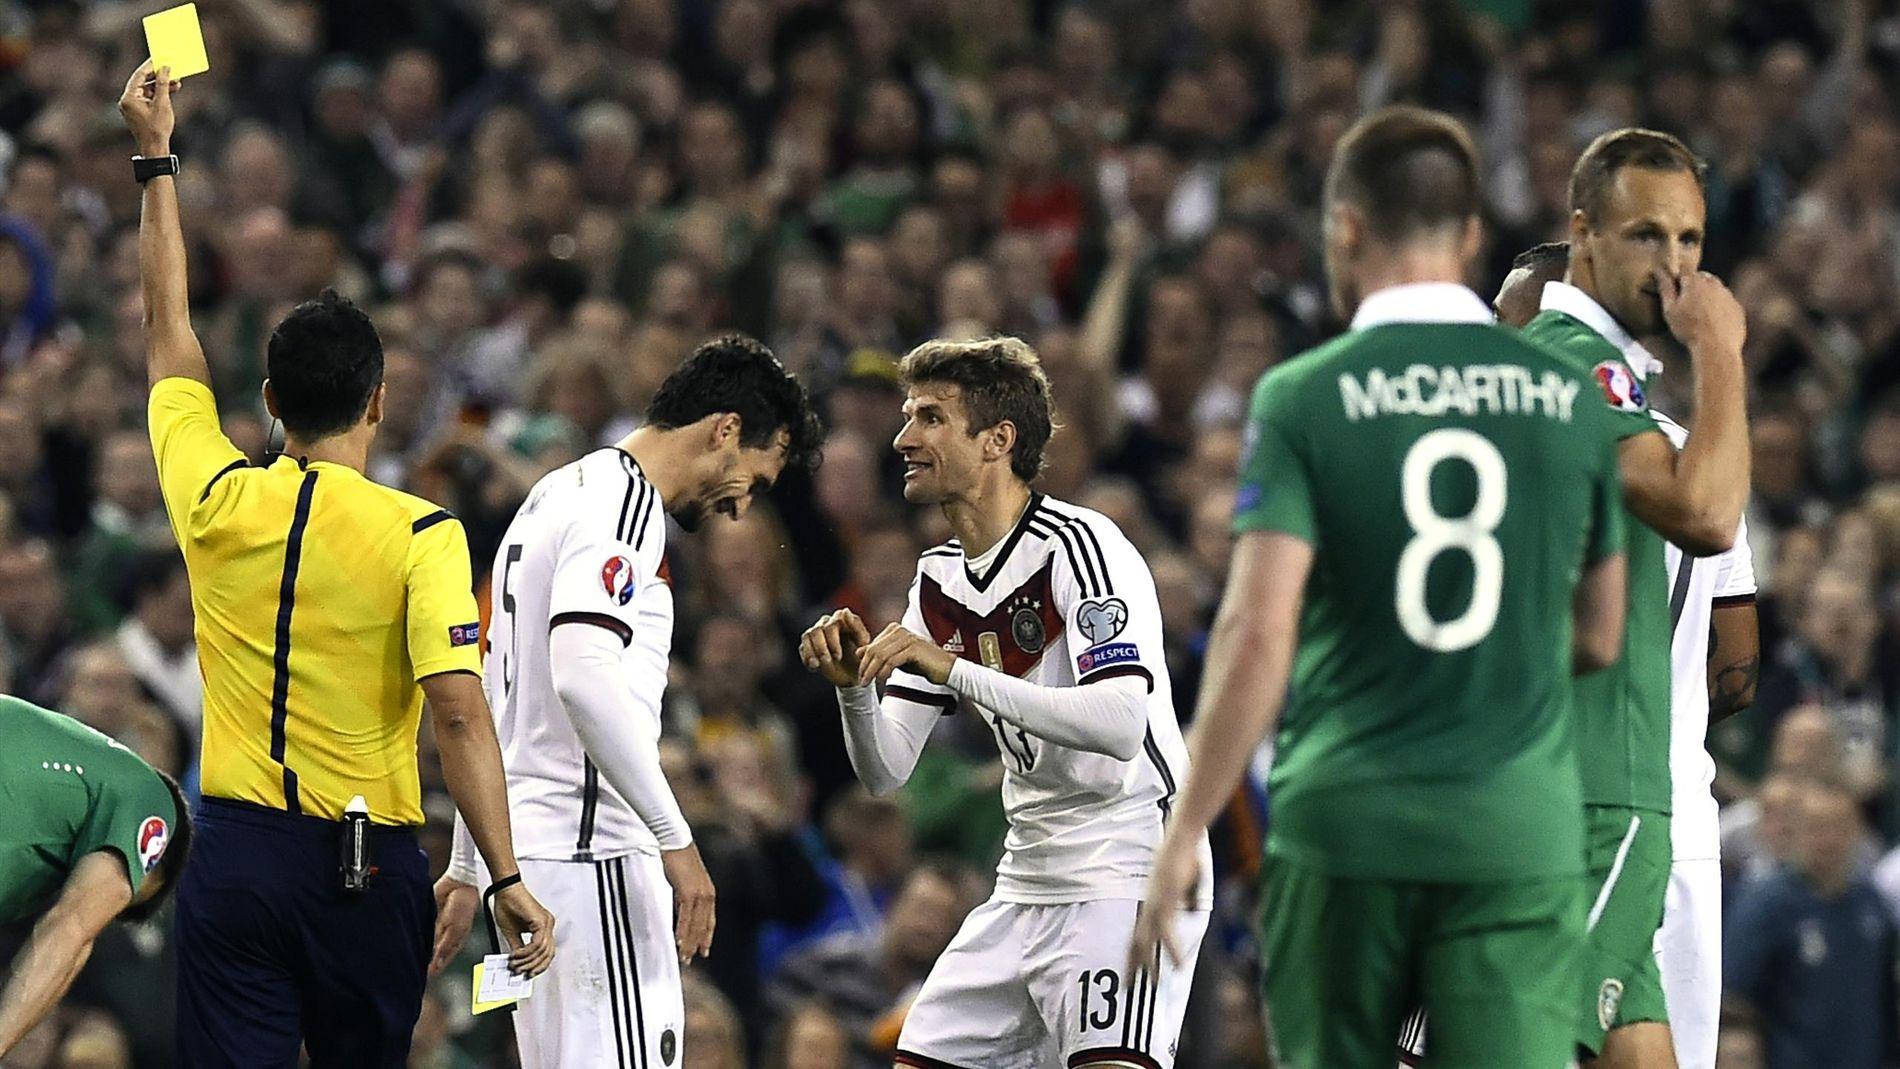 Irlande 1-0 Allemagne : Battue à Dublin, la Mannschaft n